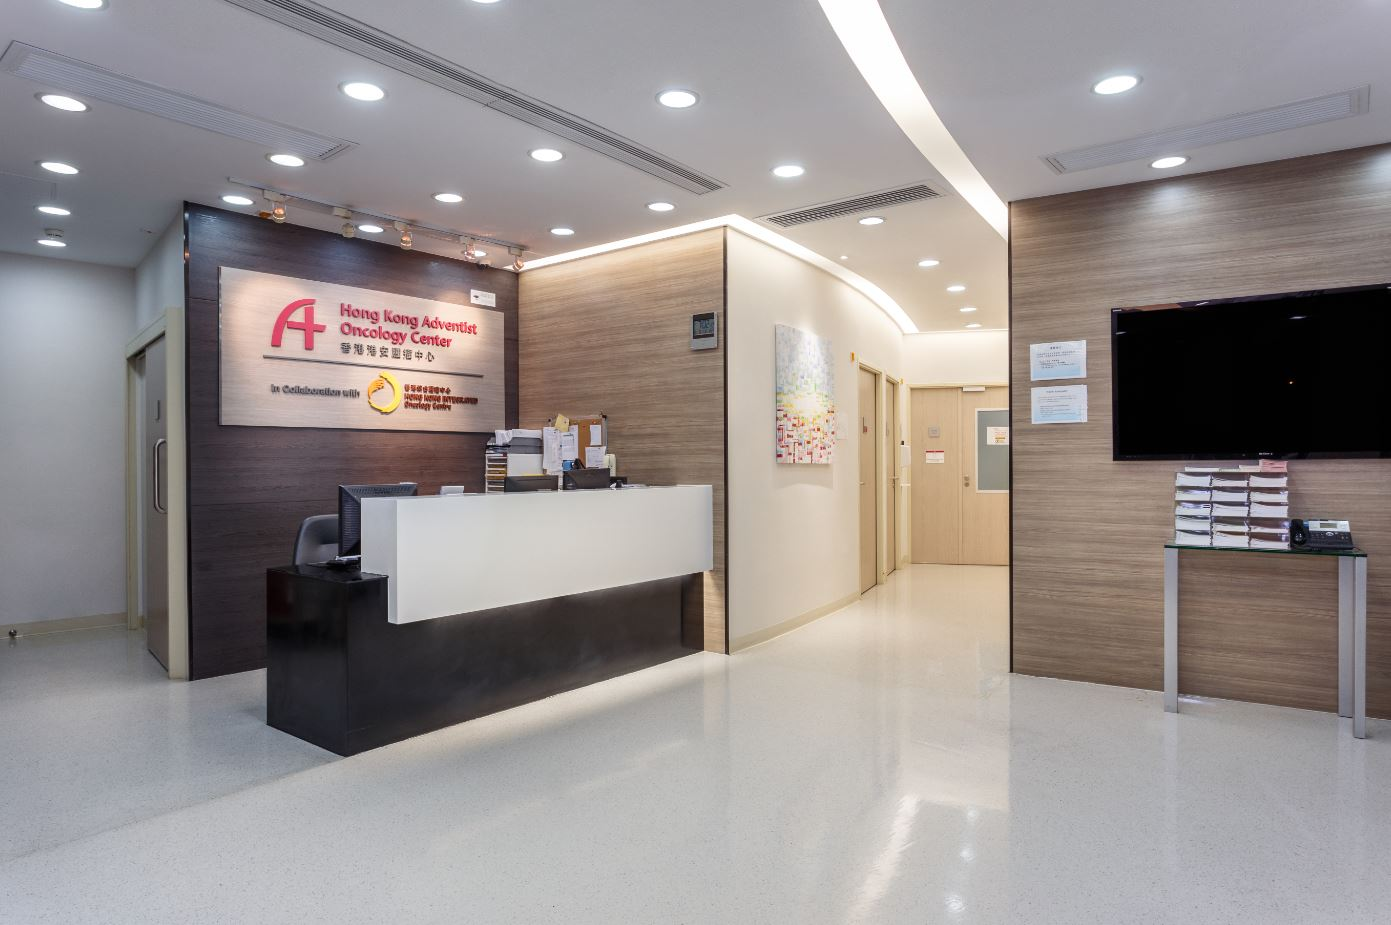 香港港安醫院腫瘤中心